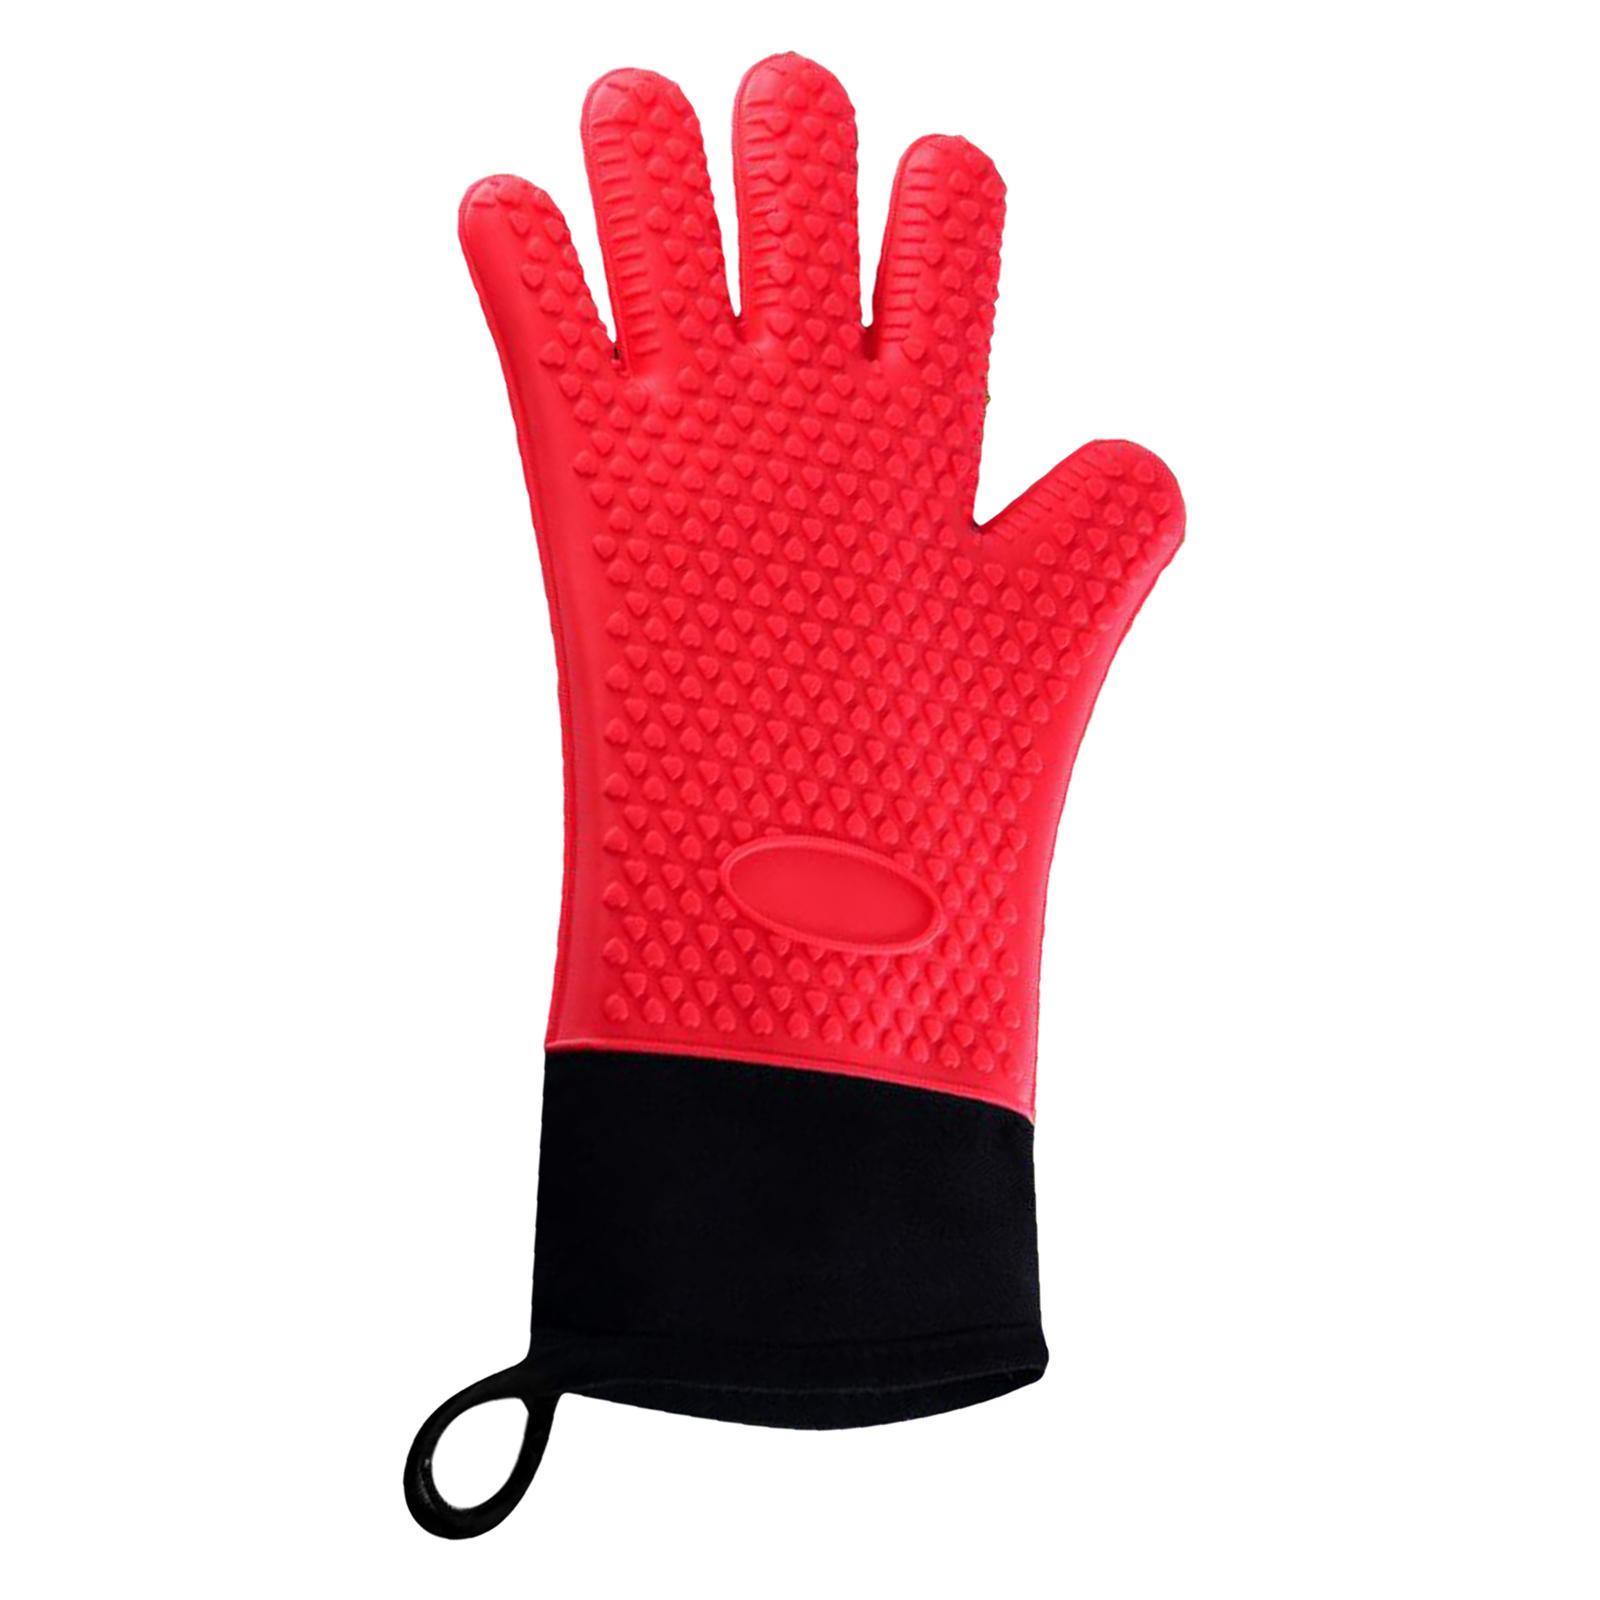 Guantes-para-horno-de-cocina-con-aislamiento-de-silicona-antideslizantes-guantes miniatura 13